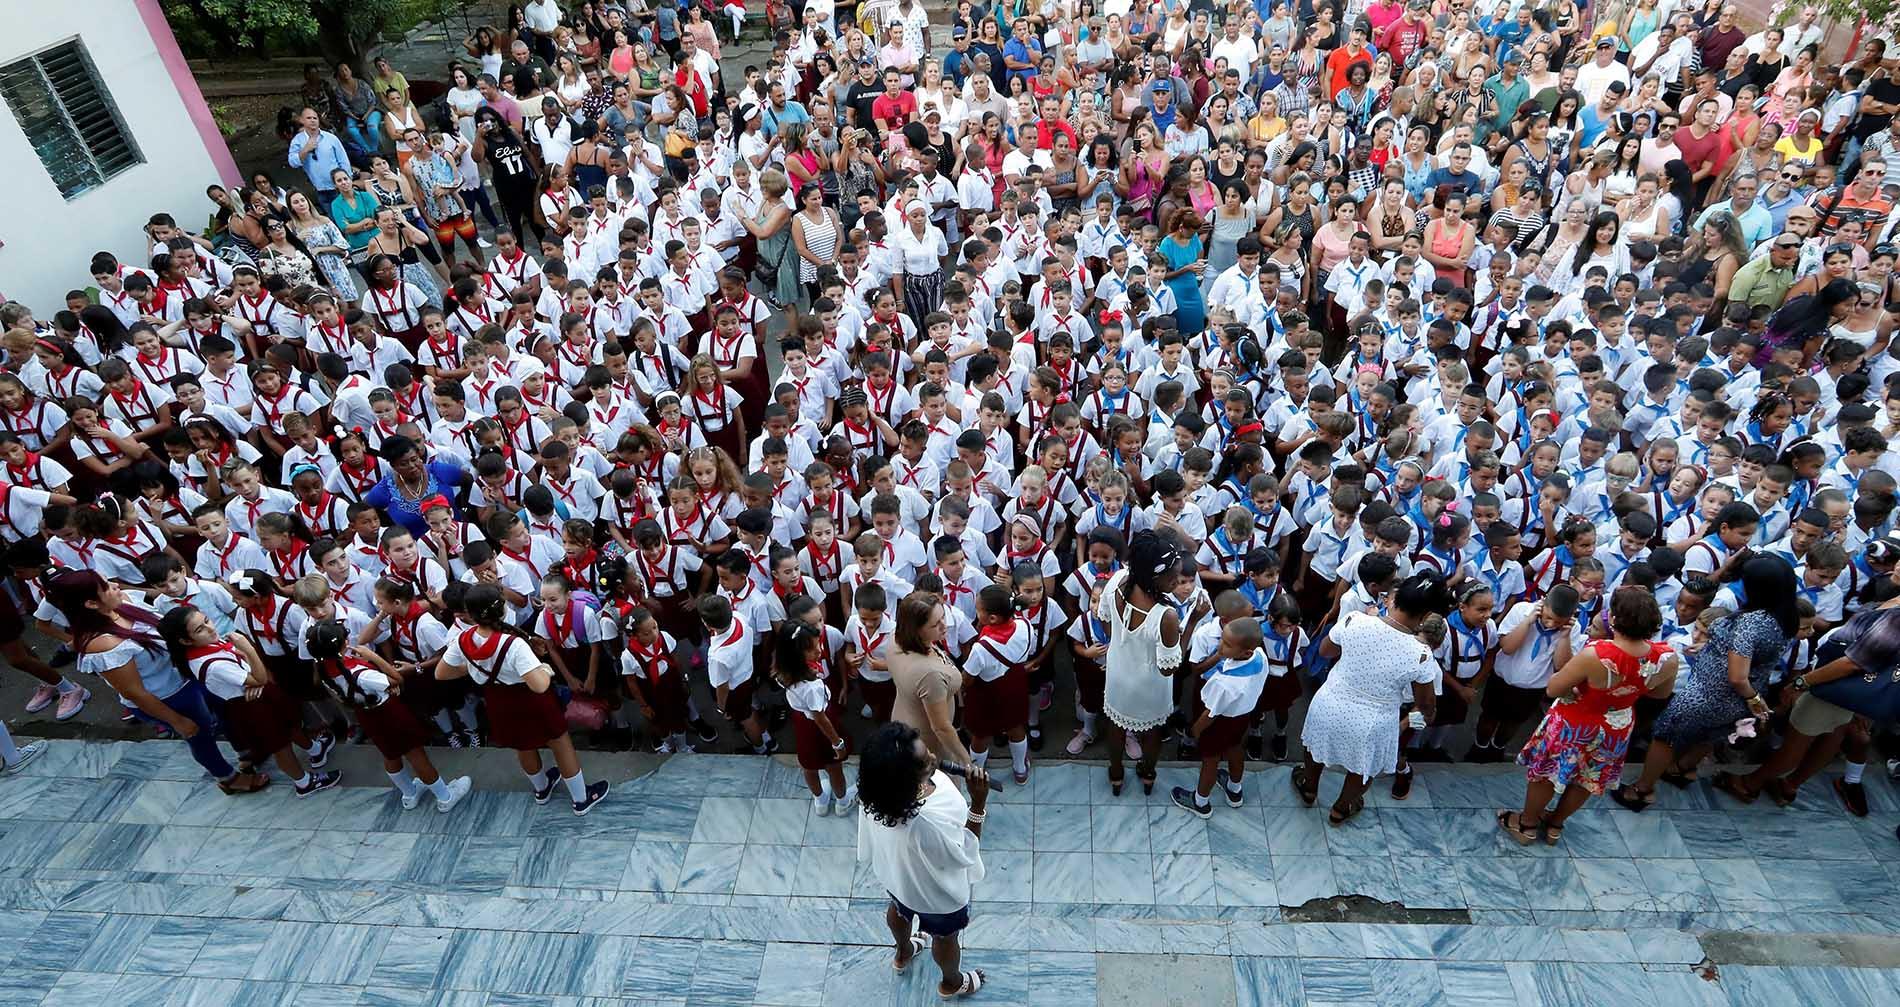 Alumnos de una escuela primaria participan en el acto de inicio del curso escolar, el lunes 2 de septiembre de 2019 en La Habana. Foto: Ernesto Mastrascusa / EFE.